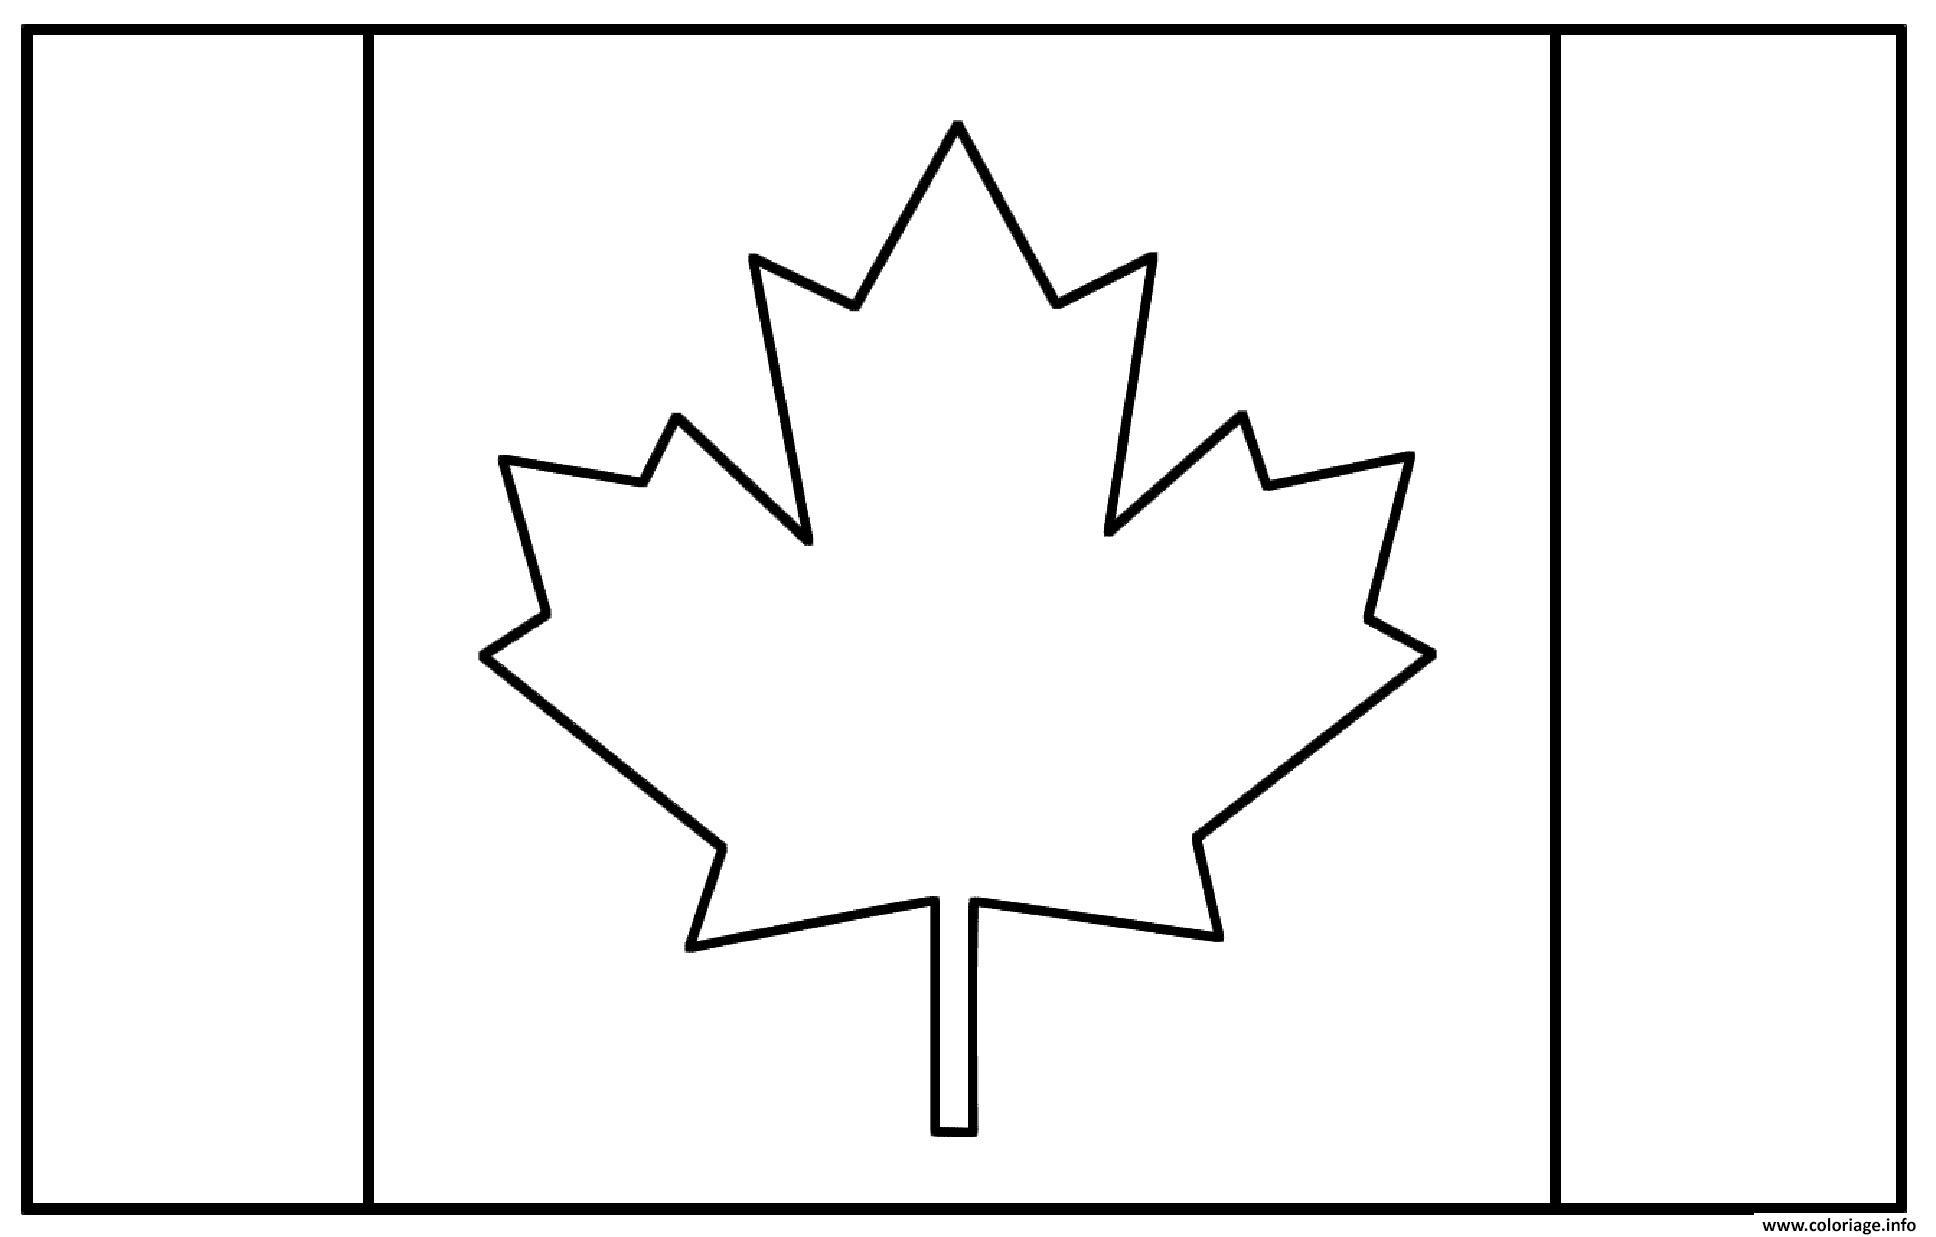 Coloriage drapeau canada - Drapeaux a colorier ...